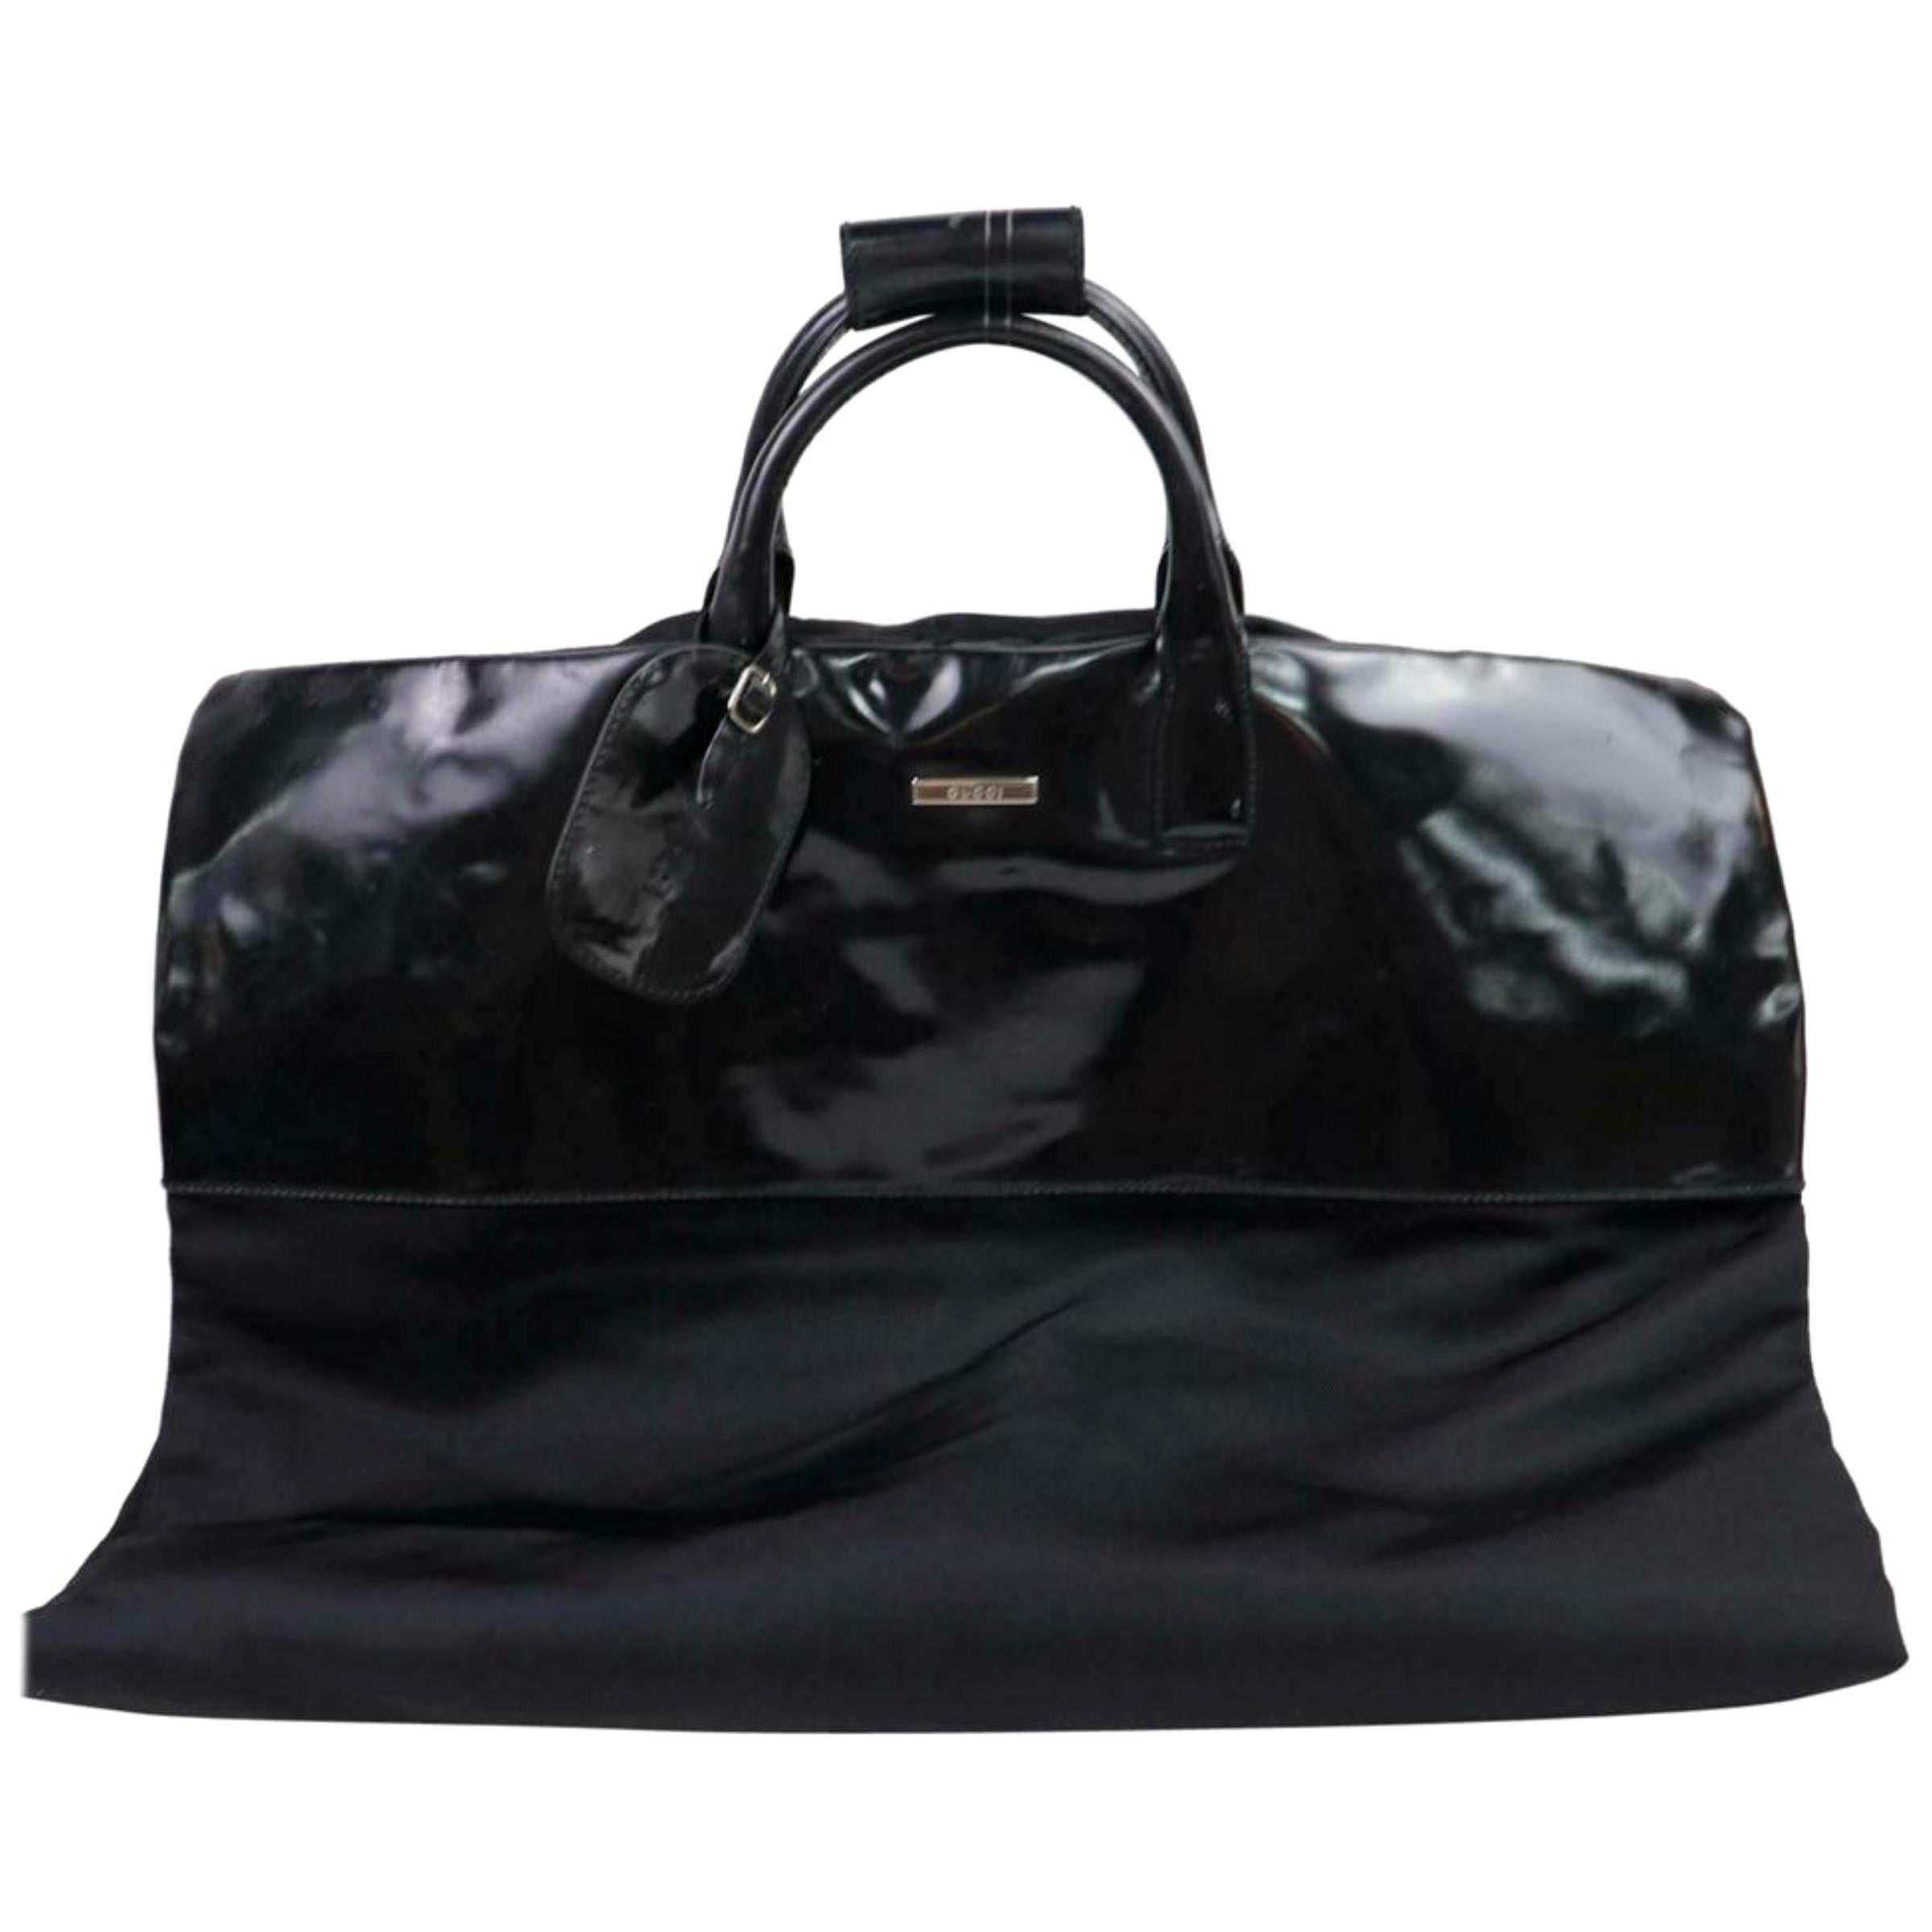 ec437ce0e4a0 Vintage Gucci Handbags and Purses - 2